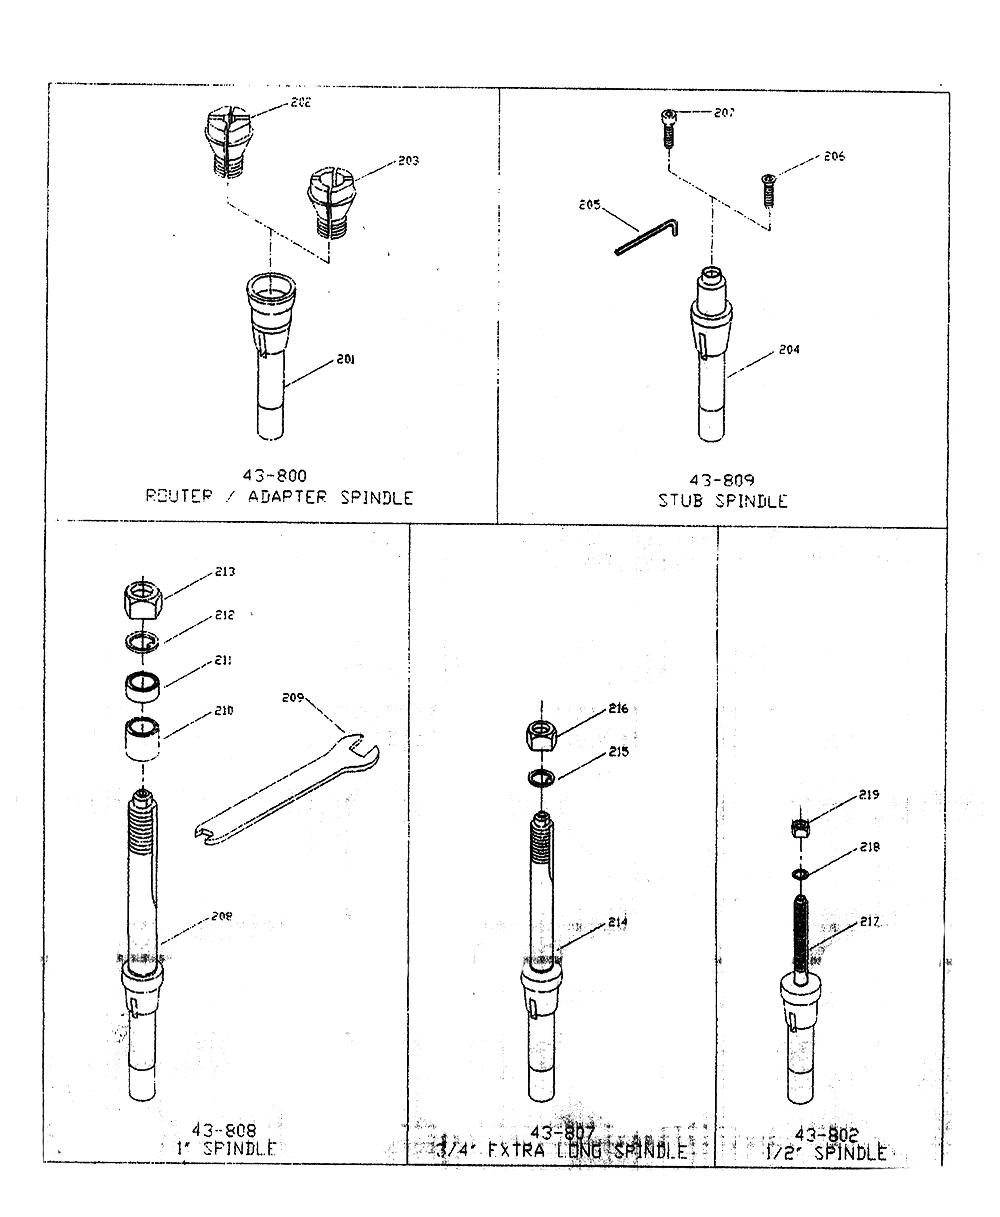 43-419-T1-Delta-PB-1Break Down